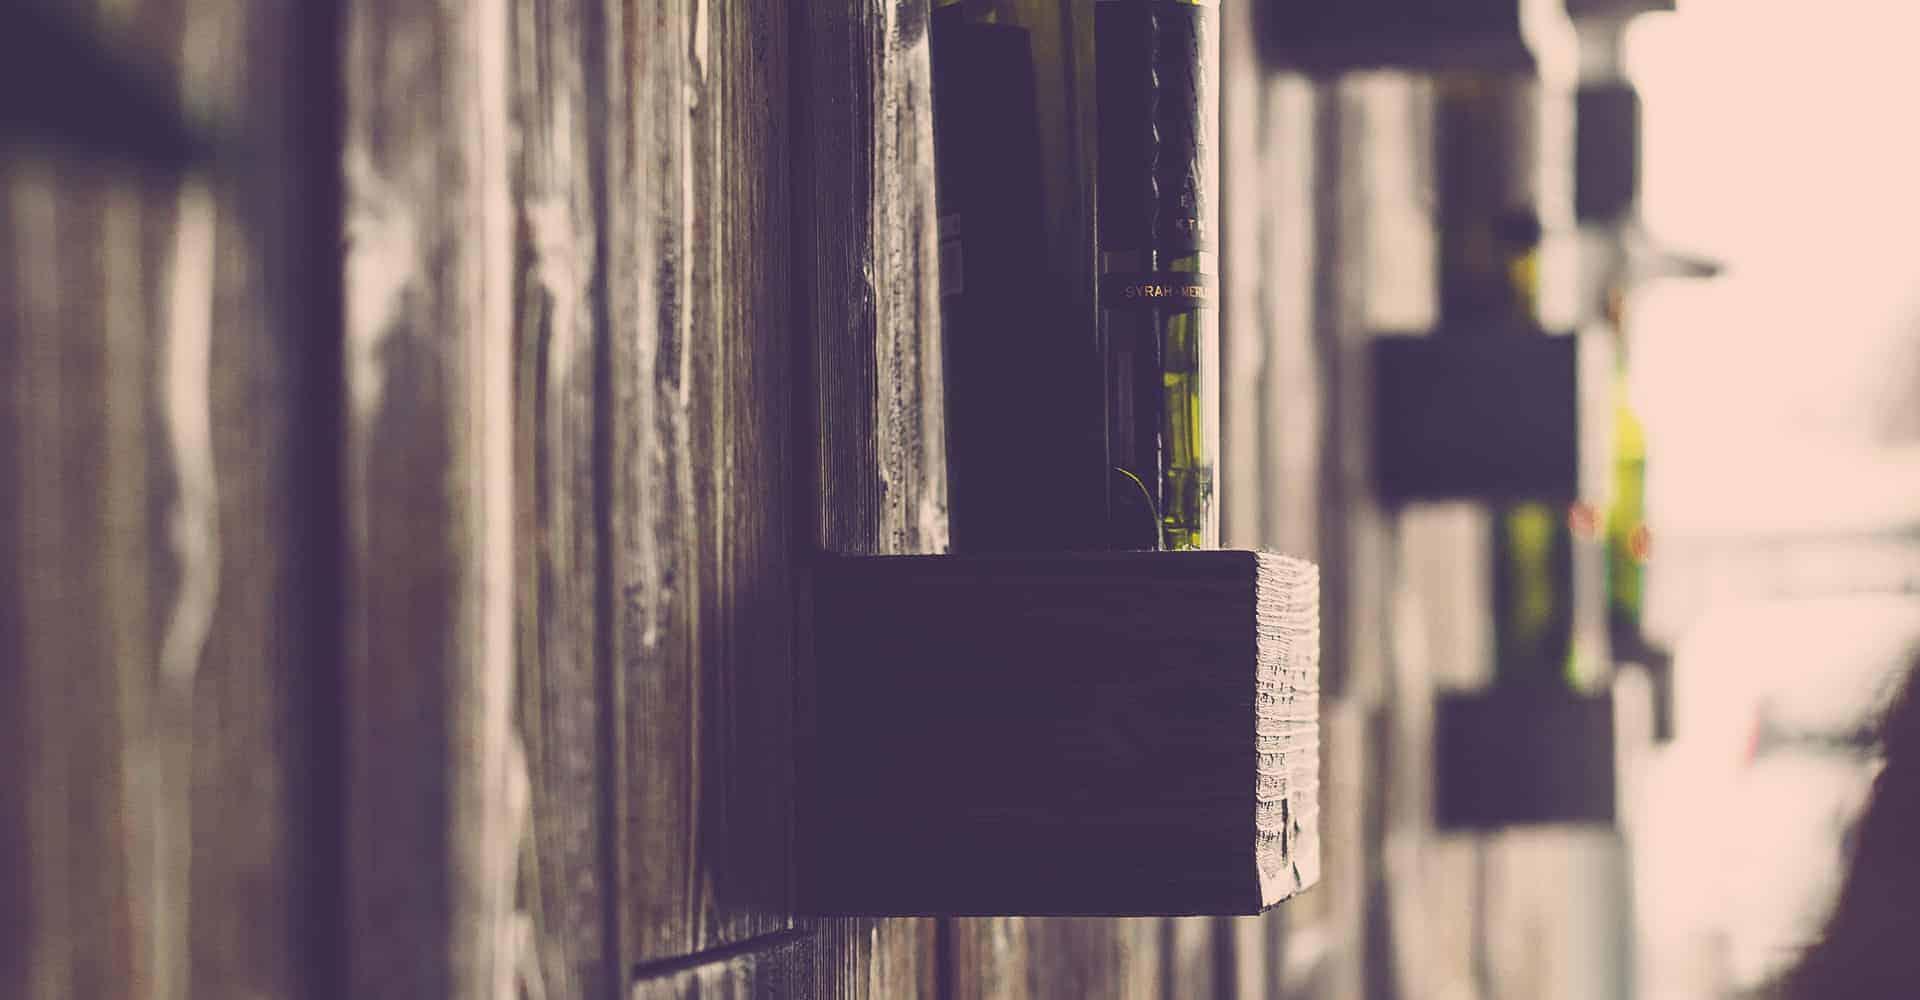 MYTHOS PALACE DRESDEN | RENOVIERUNG RESTAURANT | Der Gastraum sollte nach kreativen Gesichtspunkten modernisiert werden. Die Wände wurden mit Betonspachteltechnik beschichtet. Repräsentative Flächen bekamen eine Holzwandvertäfelung mit gebürsteten Altholz, teilweise wurden beleuchtete Flaschenablagen eingearbeitet. Der Name des Restaurants wurde als selbstleuchtender Schriftzug in den Raum integriert.